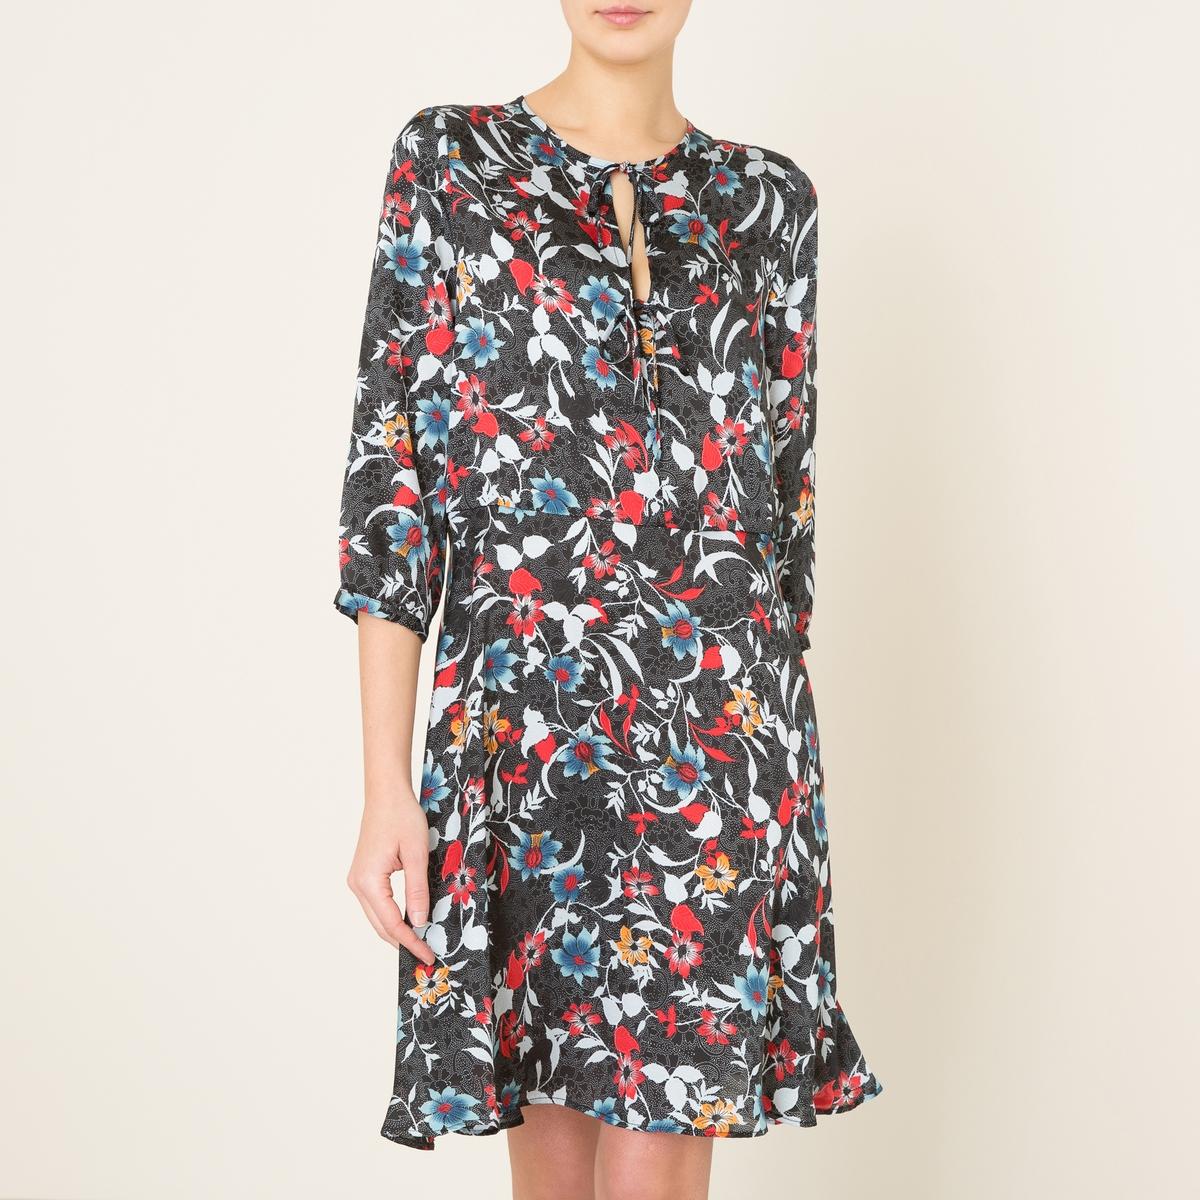 Платье DELTAСостав и описание Материал : 100% полиэстерДлина :  ок. 110 см. для размера 36Марка : LA BRAND BOUTIQUE<br><br>Цвет: рисунок черный<br>Размер: L